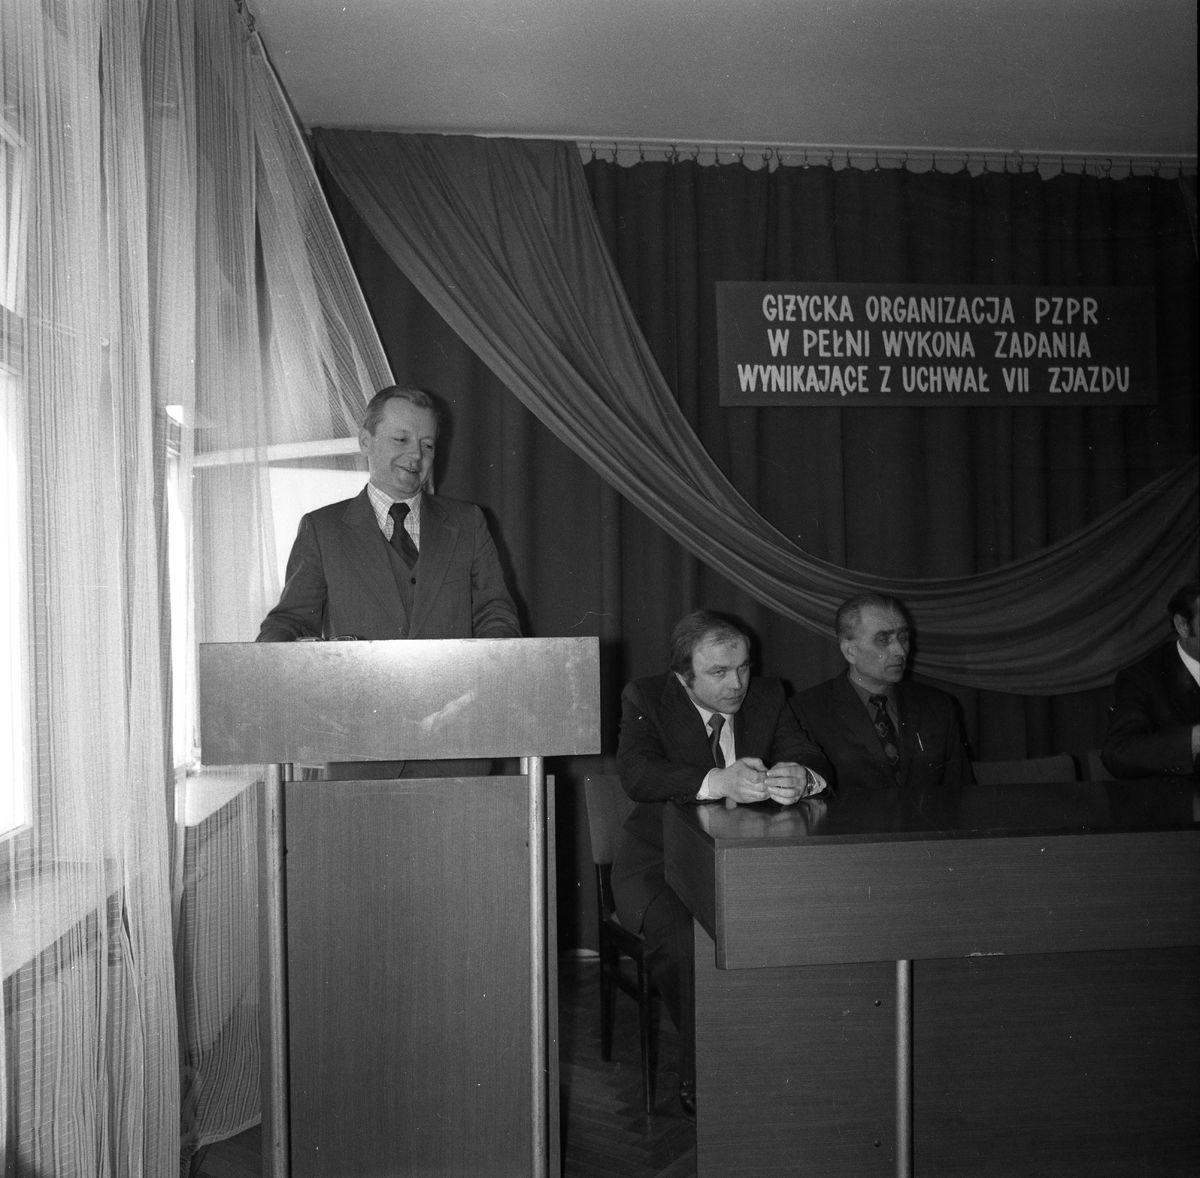 Spotkanie przed VII plenum partii [3]